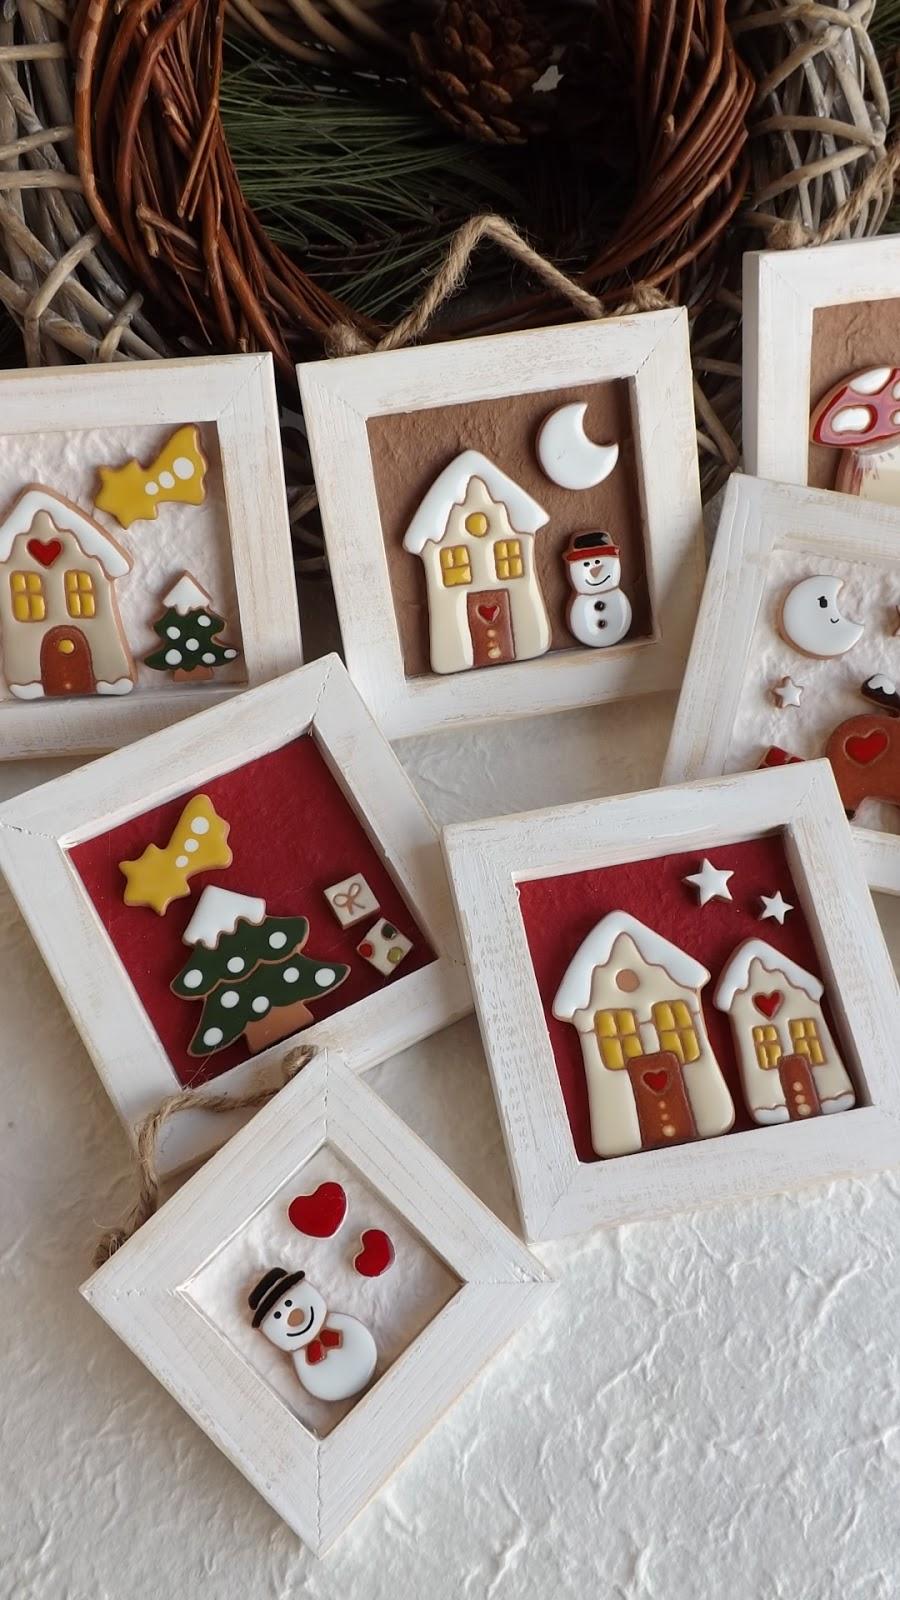 Ceramica come mestiere piccoli quadri natalizi renna albero pupazzo di neve casette innevate - Pinterest natale ...